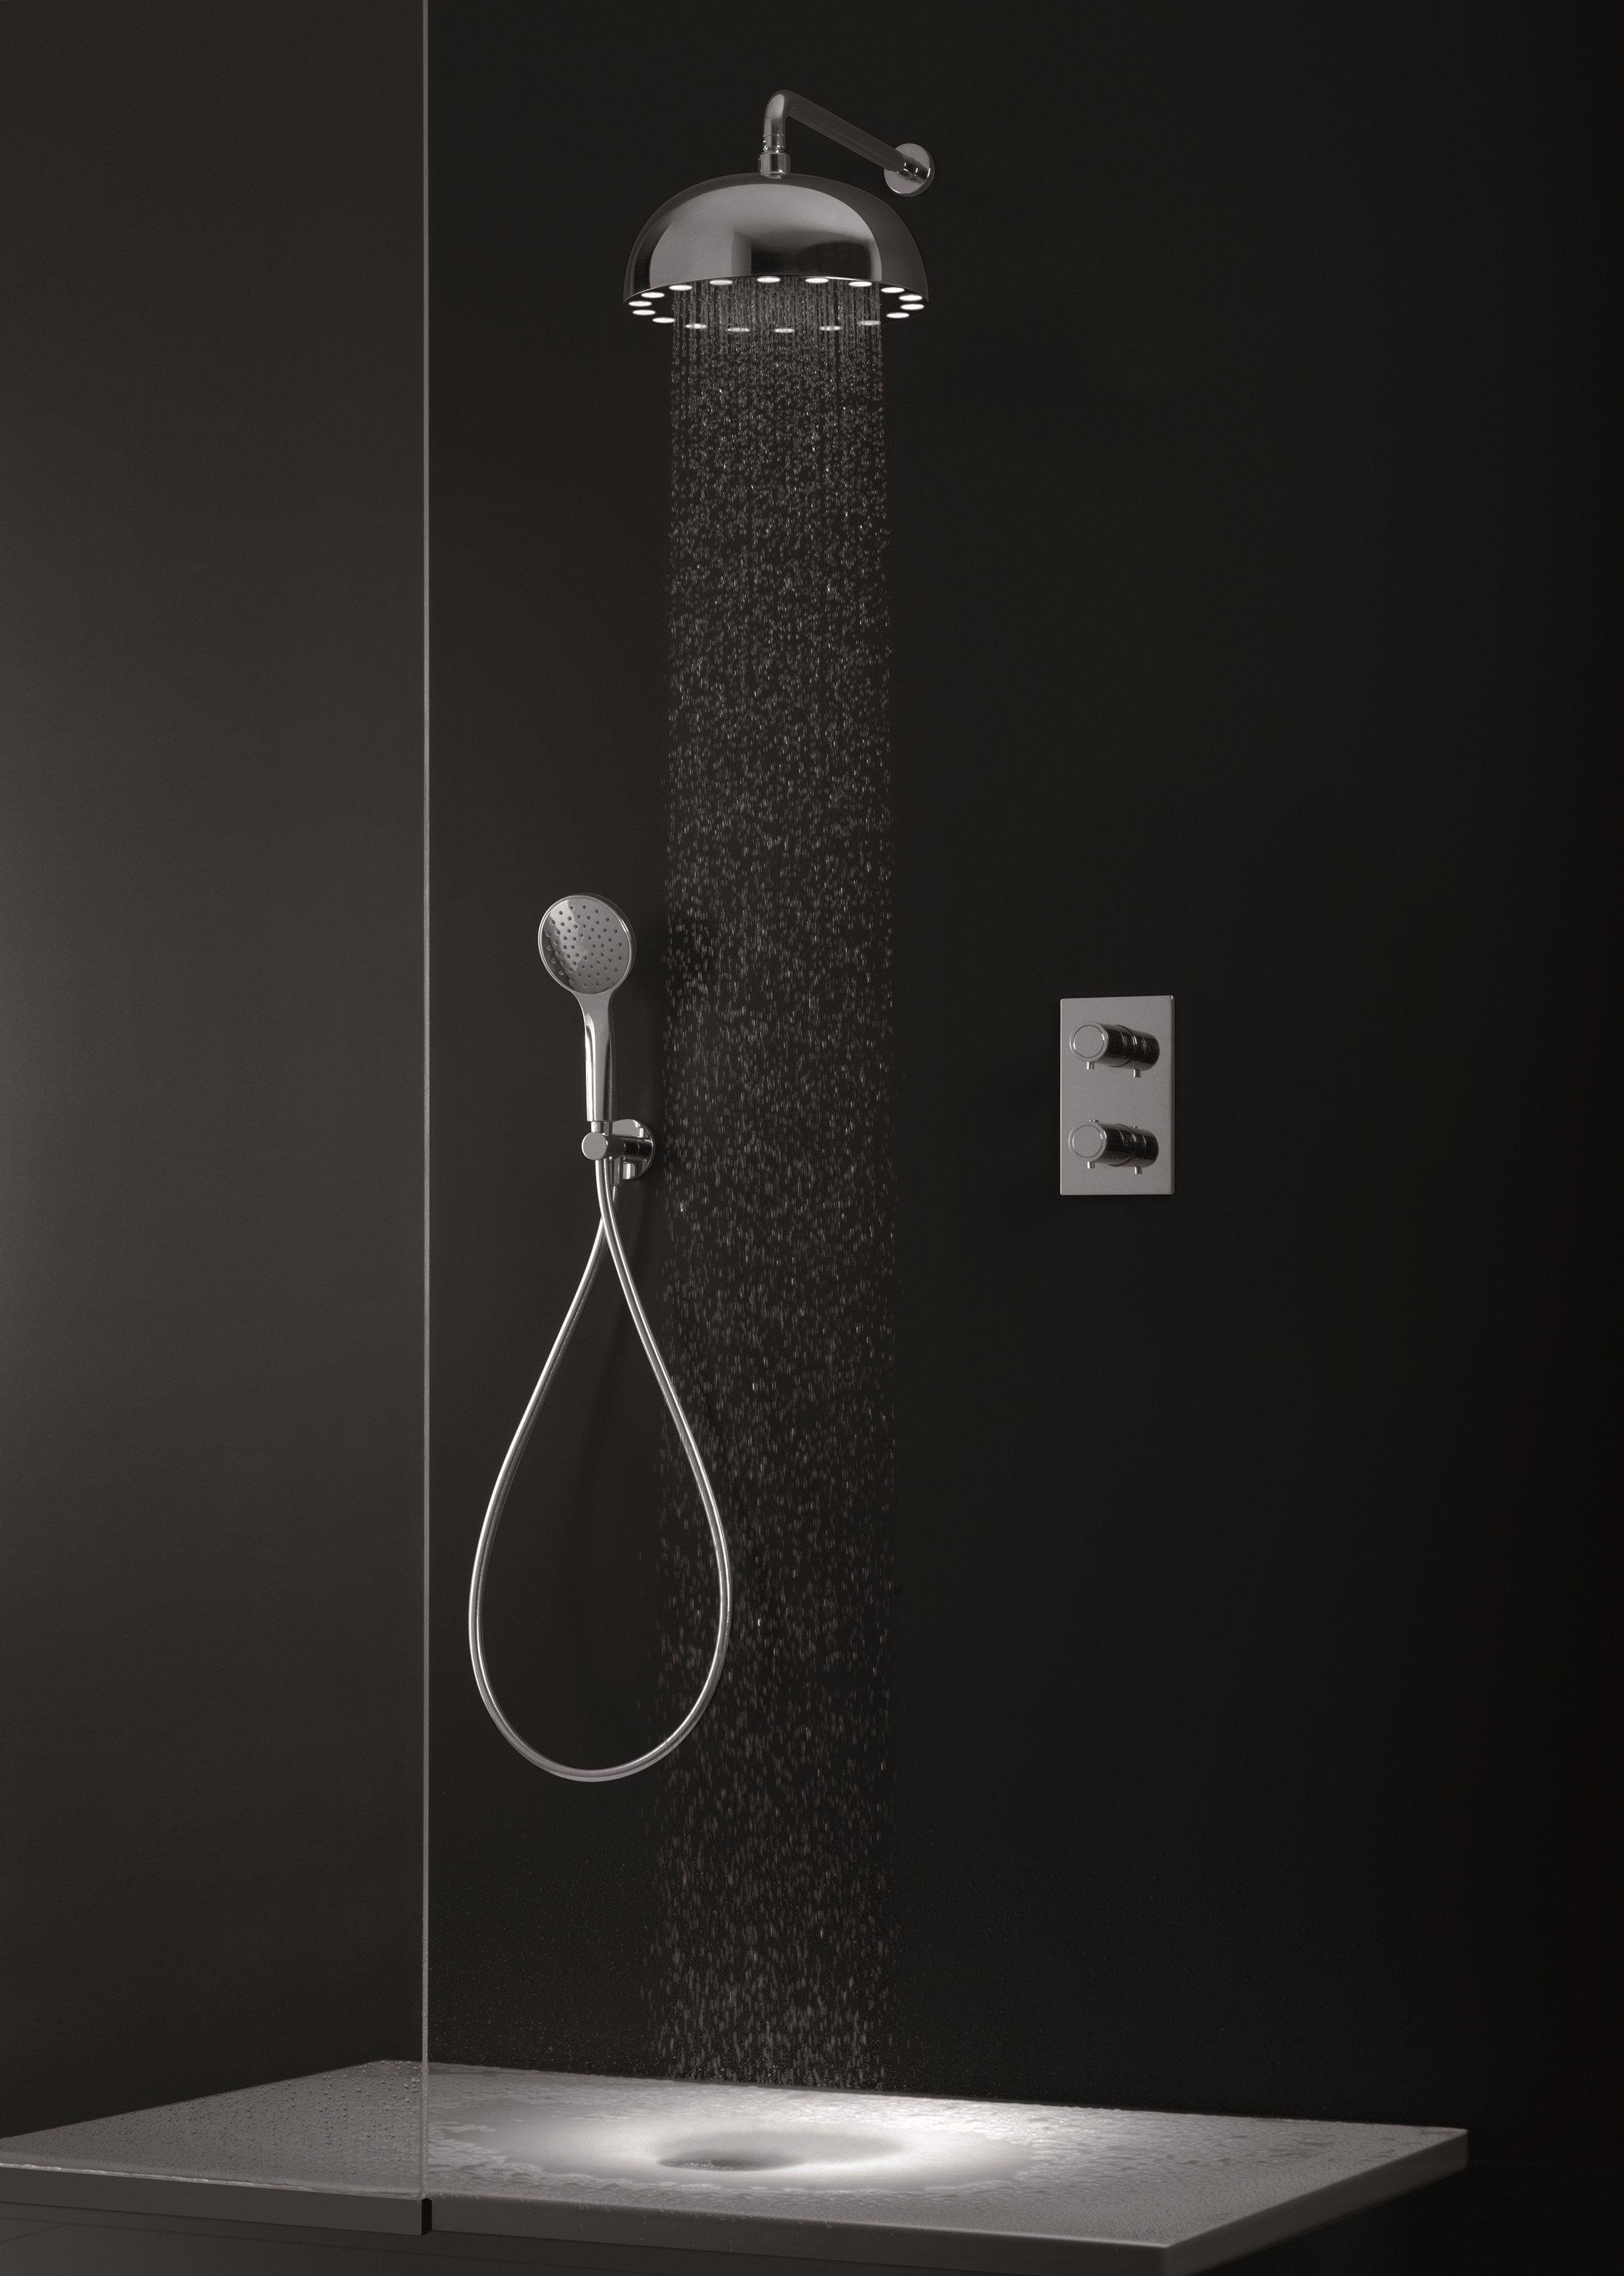 t te de douche effet pluie de plafond avec led dynamo. Black Bedroom Furniture Sets. Home Design Ideas